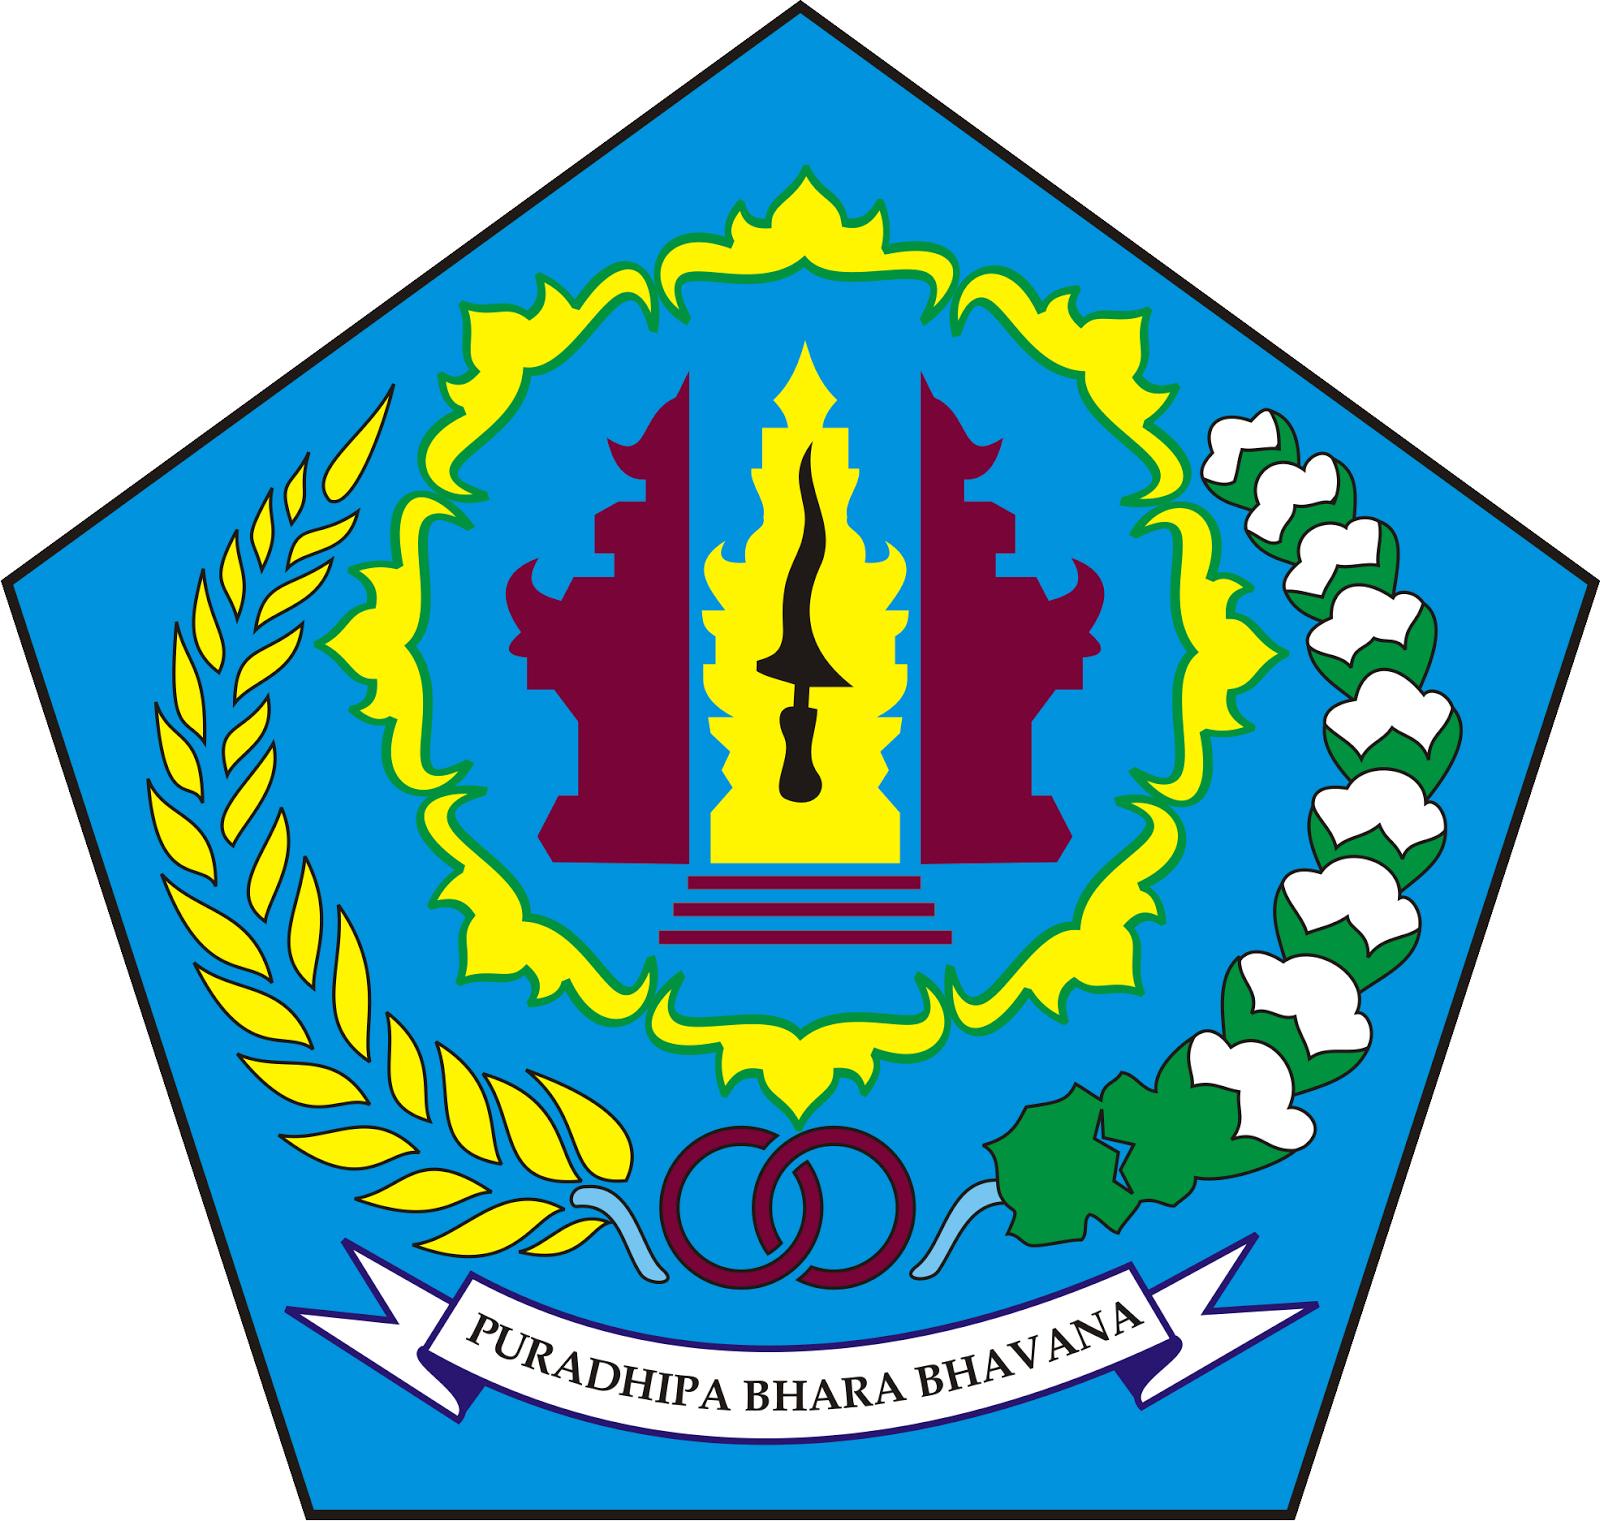 Cpns Denpasar Lowongan Cpns Pengumuman Soal Lowongan Penerimaan Cpns Berbagainfo Lowongan Kerja Cpns Kota Denpasar Bali September 2013